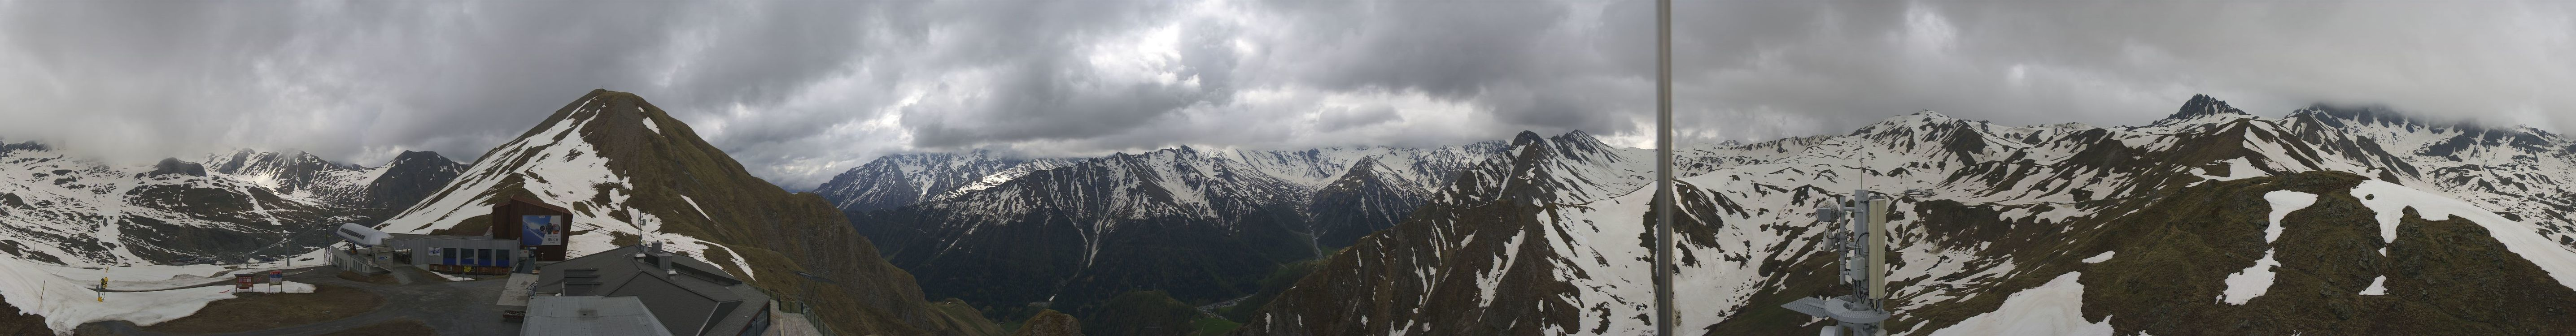 Alp Trider Sattel